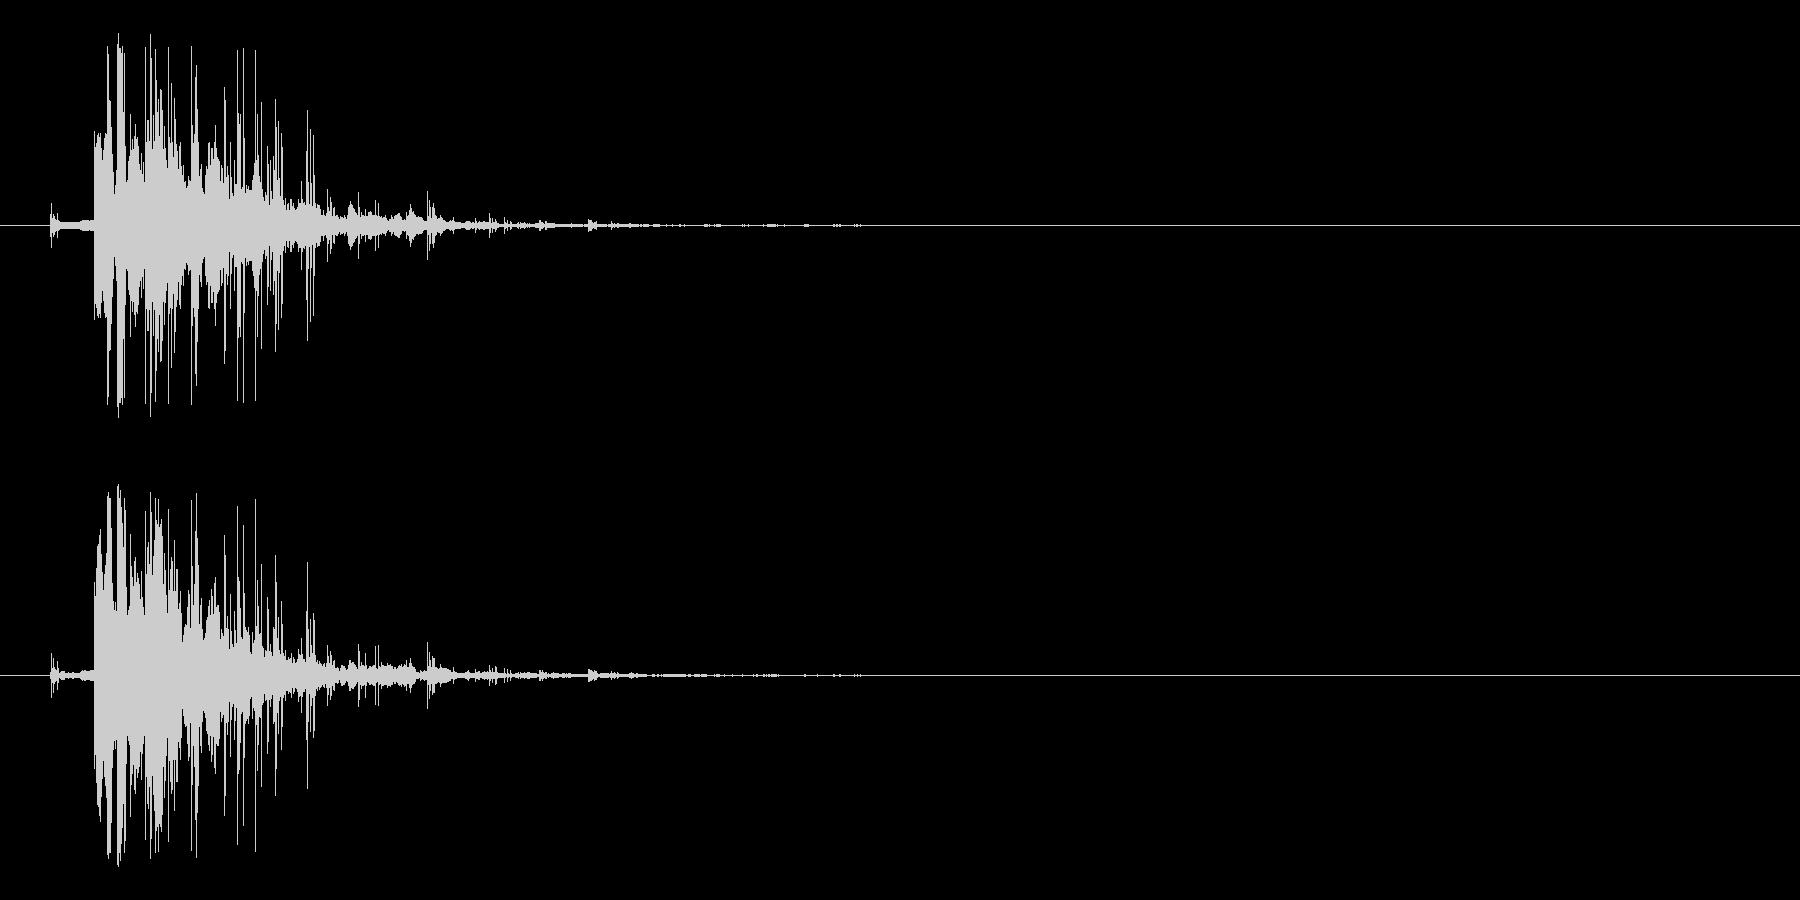 効果音、コイン①, チャリーン、小銭、…の未再生の波形